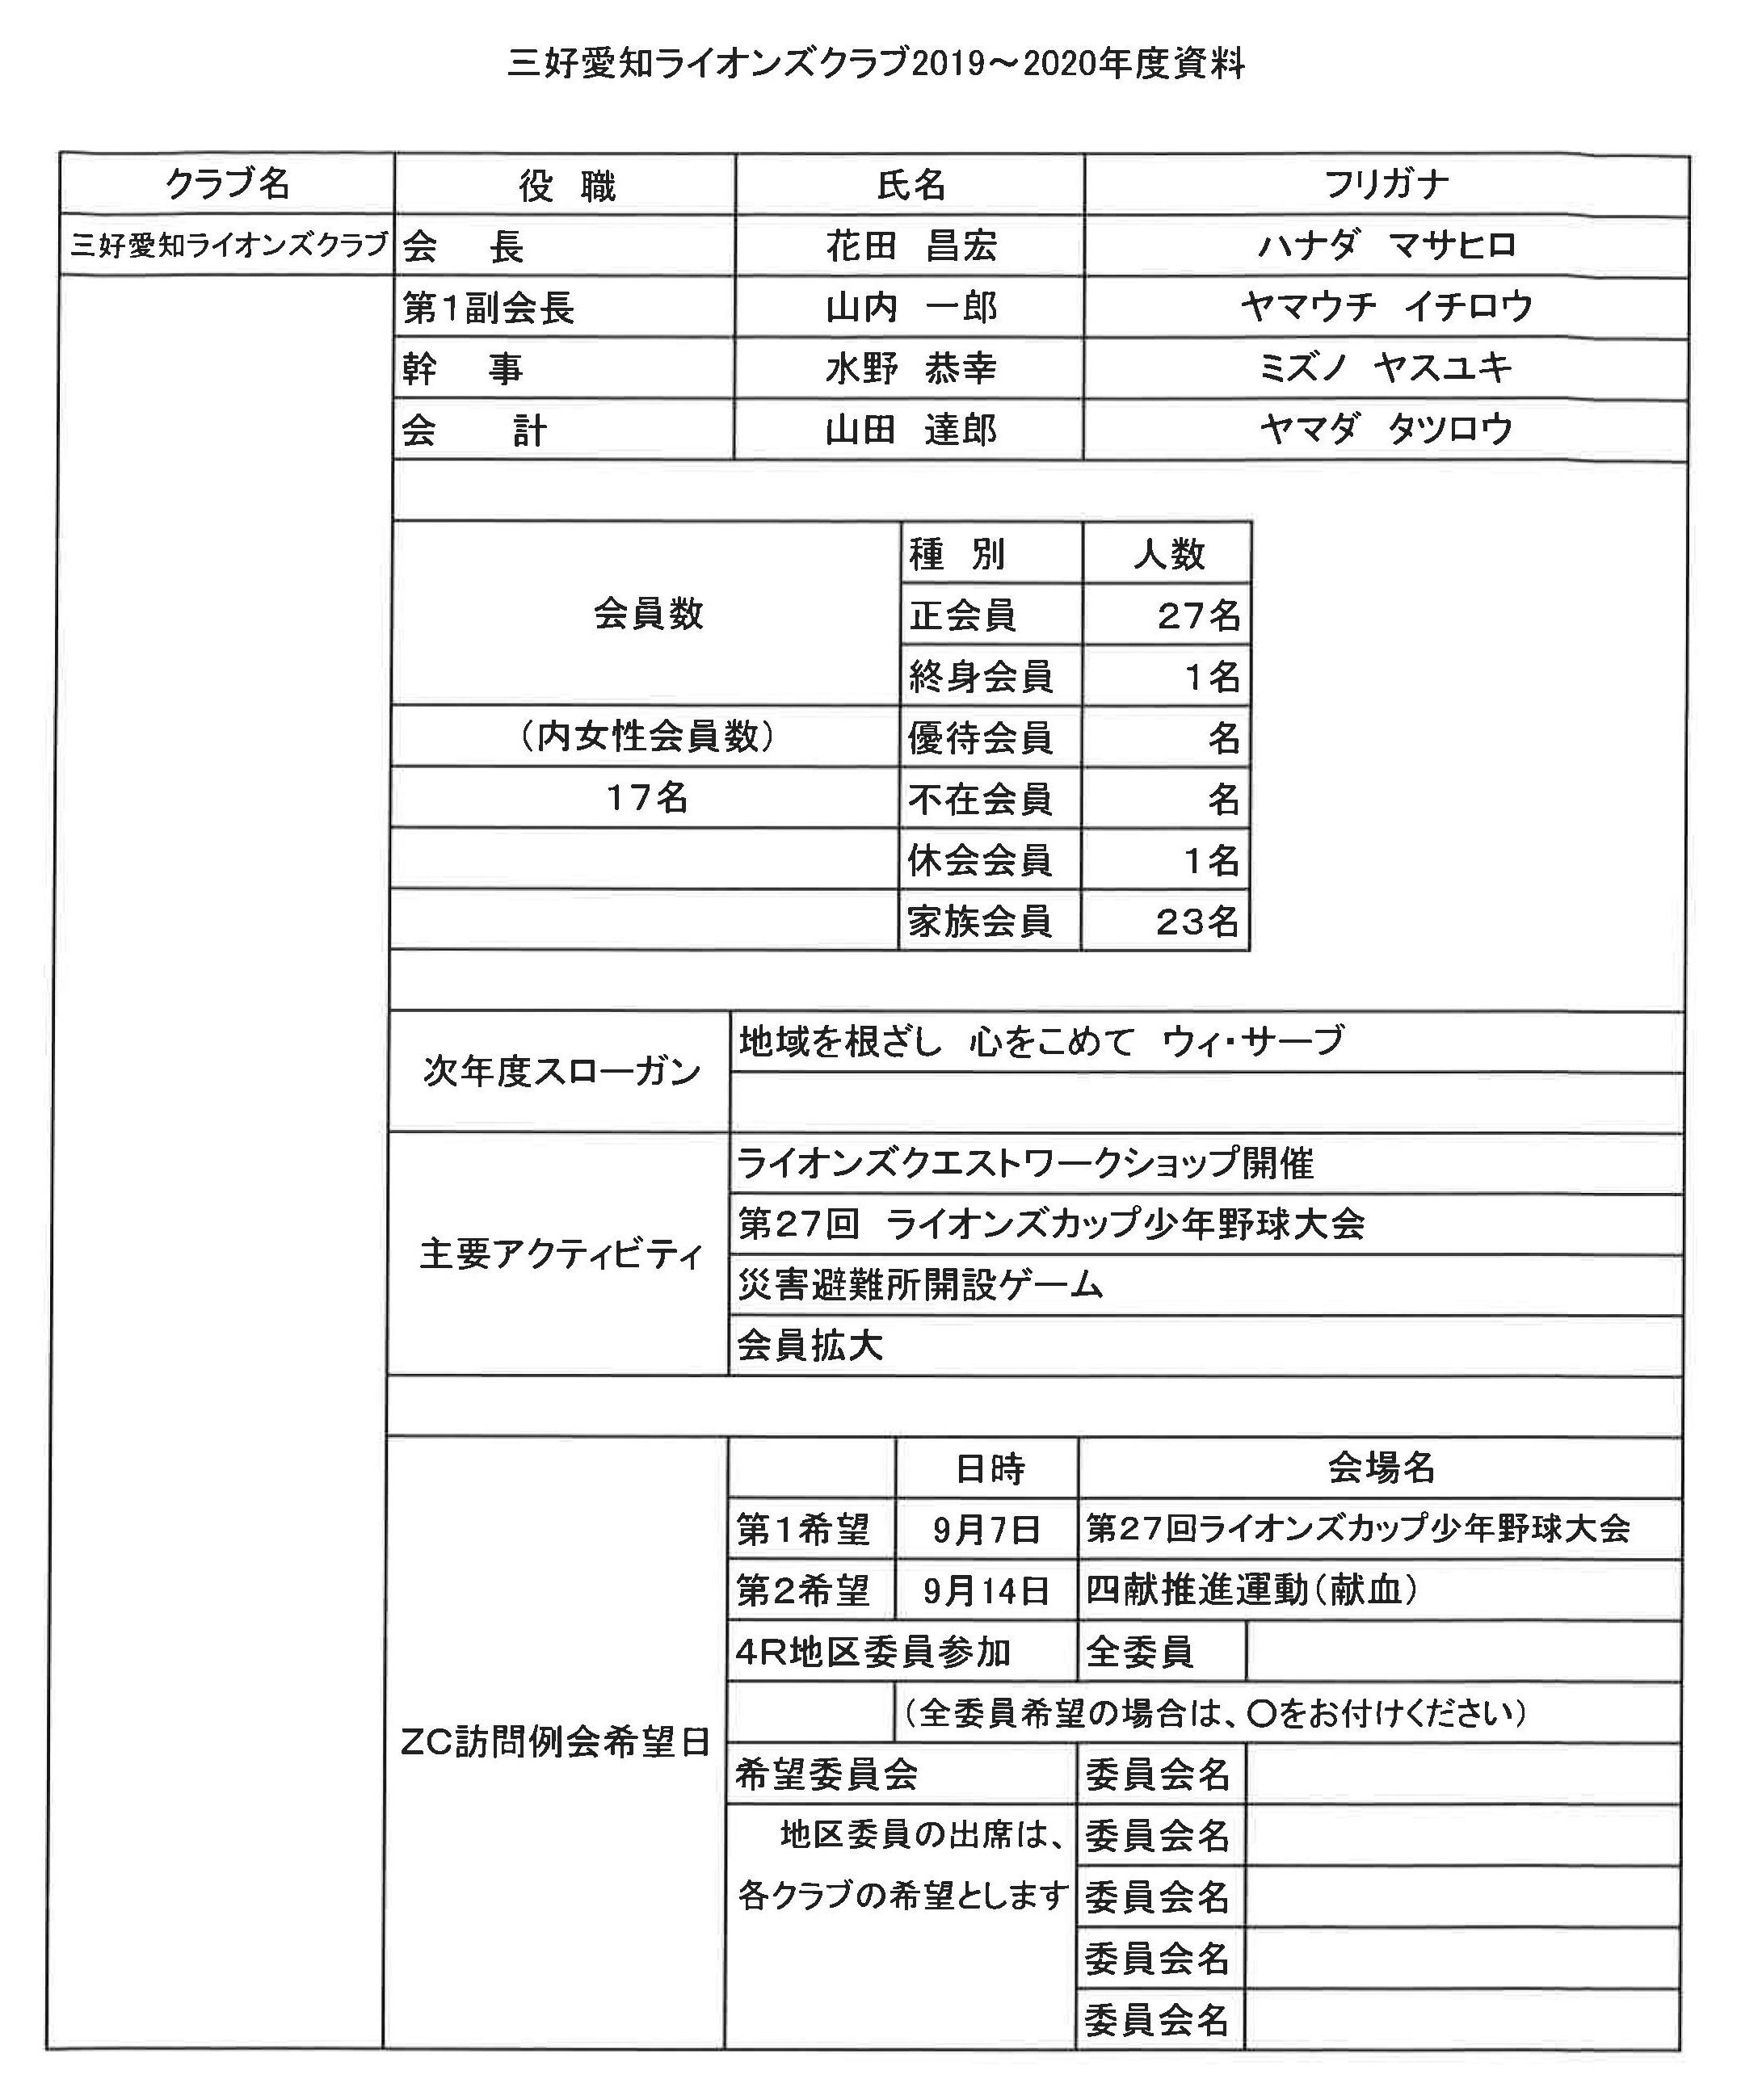 23準備ゾーン会議 三好愛知LC今年度資料1